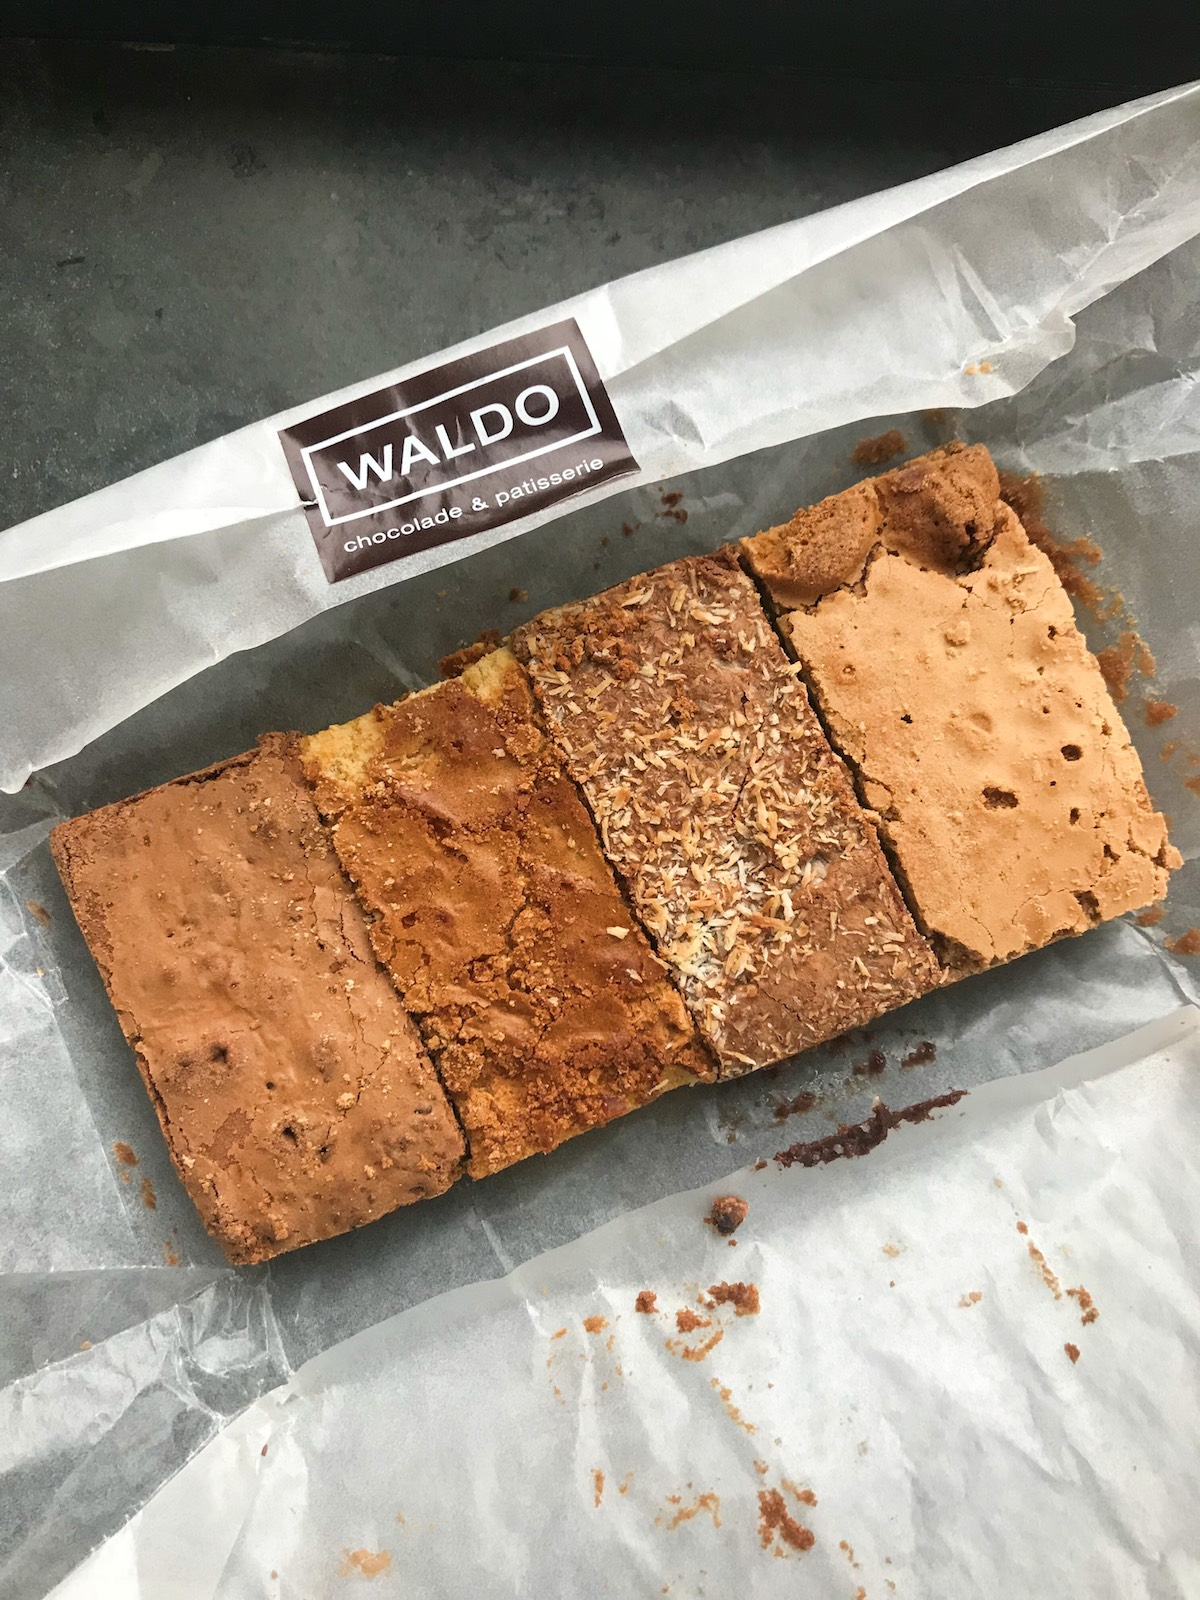 Brownie4daagse Waldo